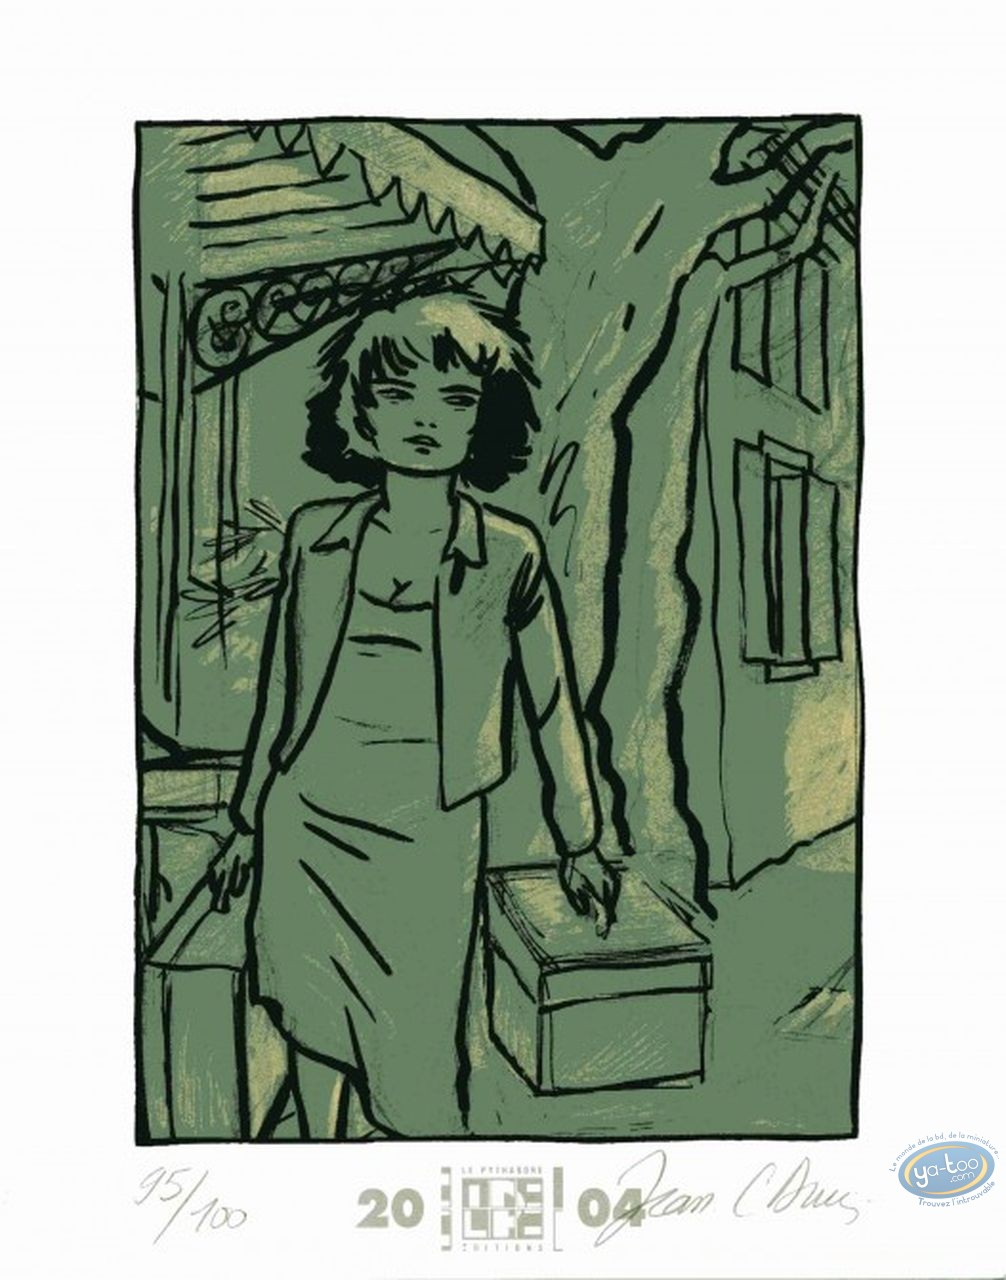 Bookplate Offset, Beauté à Domicile (La) : Woman with a suitcase